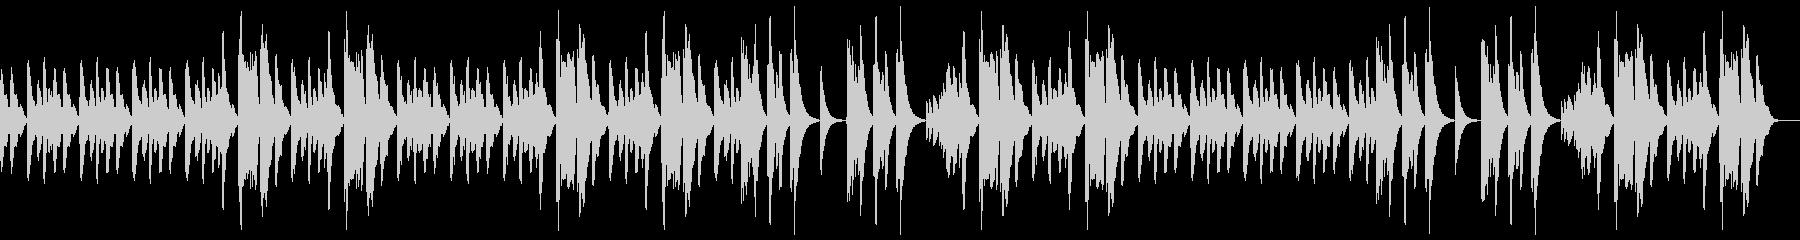 (ピアノソロ)ゆったりとした曲、ほのぼのの未再生の波形